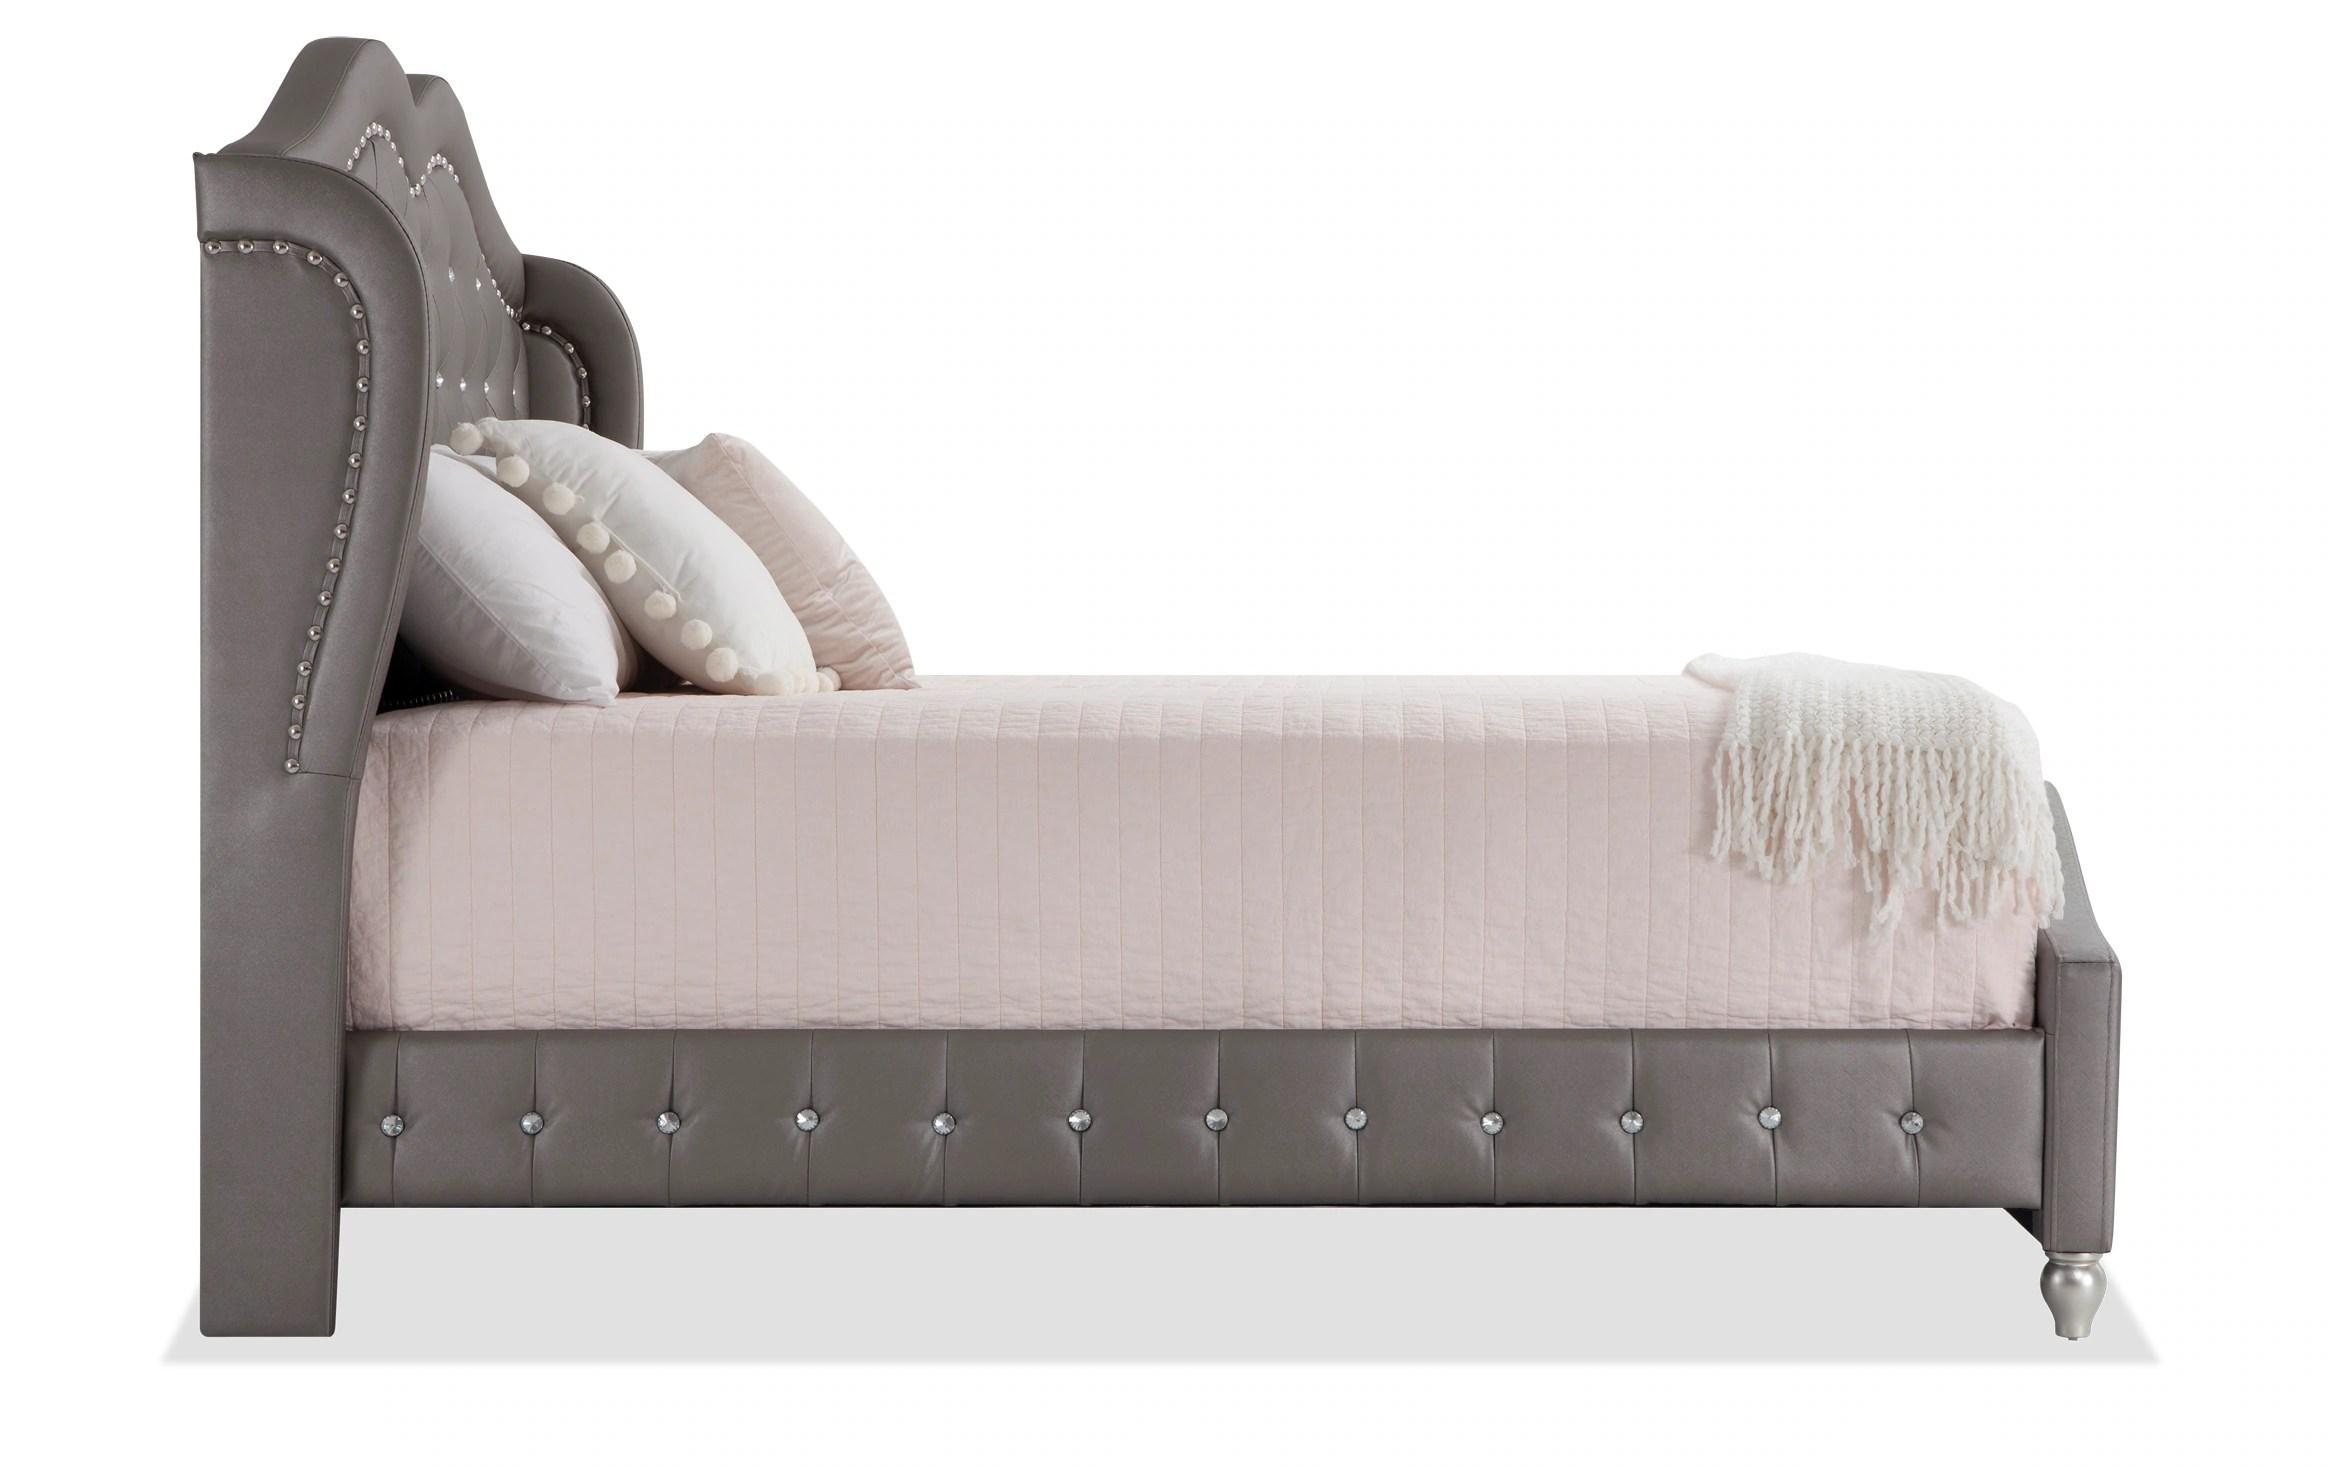 diva ii queen upholstered bed